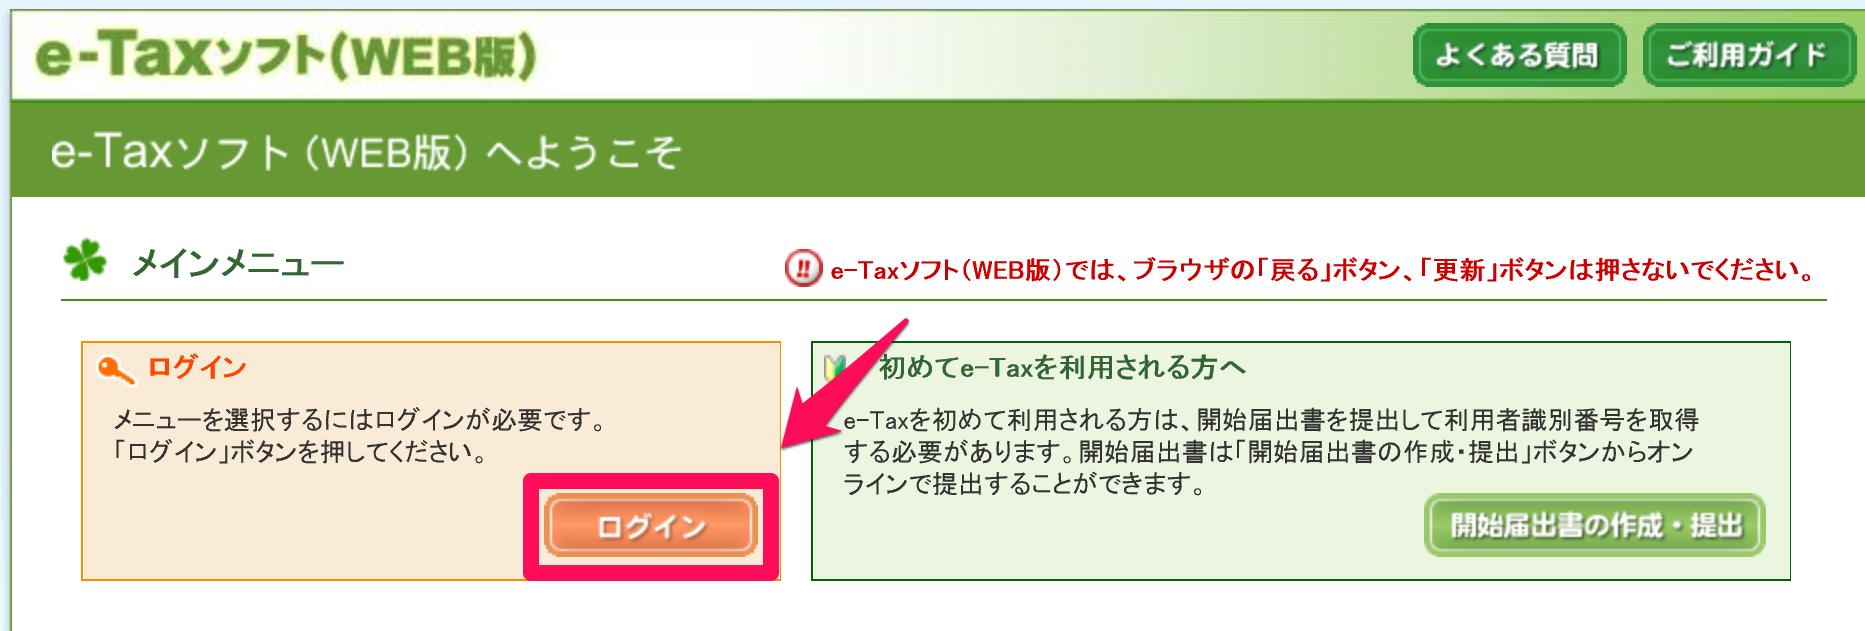 e-Tax:「メインメニュー」画面の「ログイン」項目にて、[ログイン]ボタンを指し示しているスクリーンショット